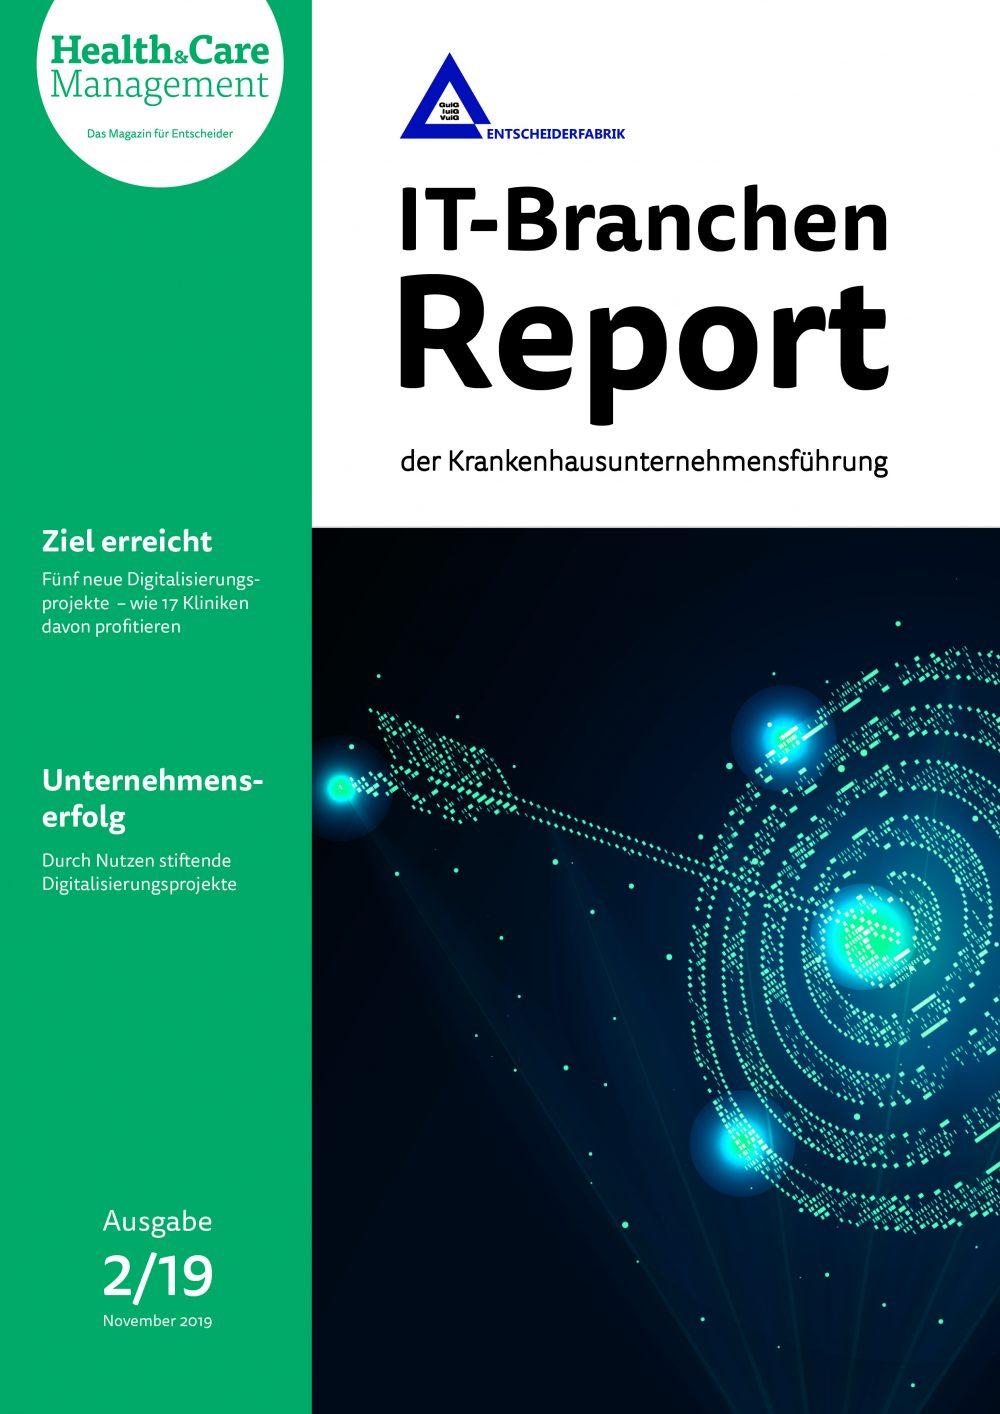 IT-Branchenreport_Titelseite